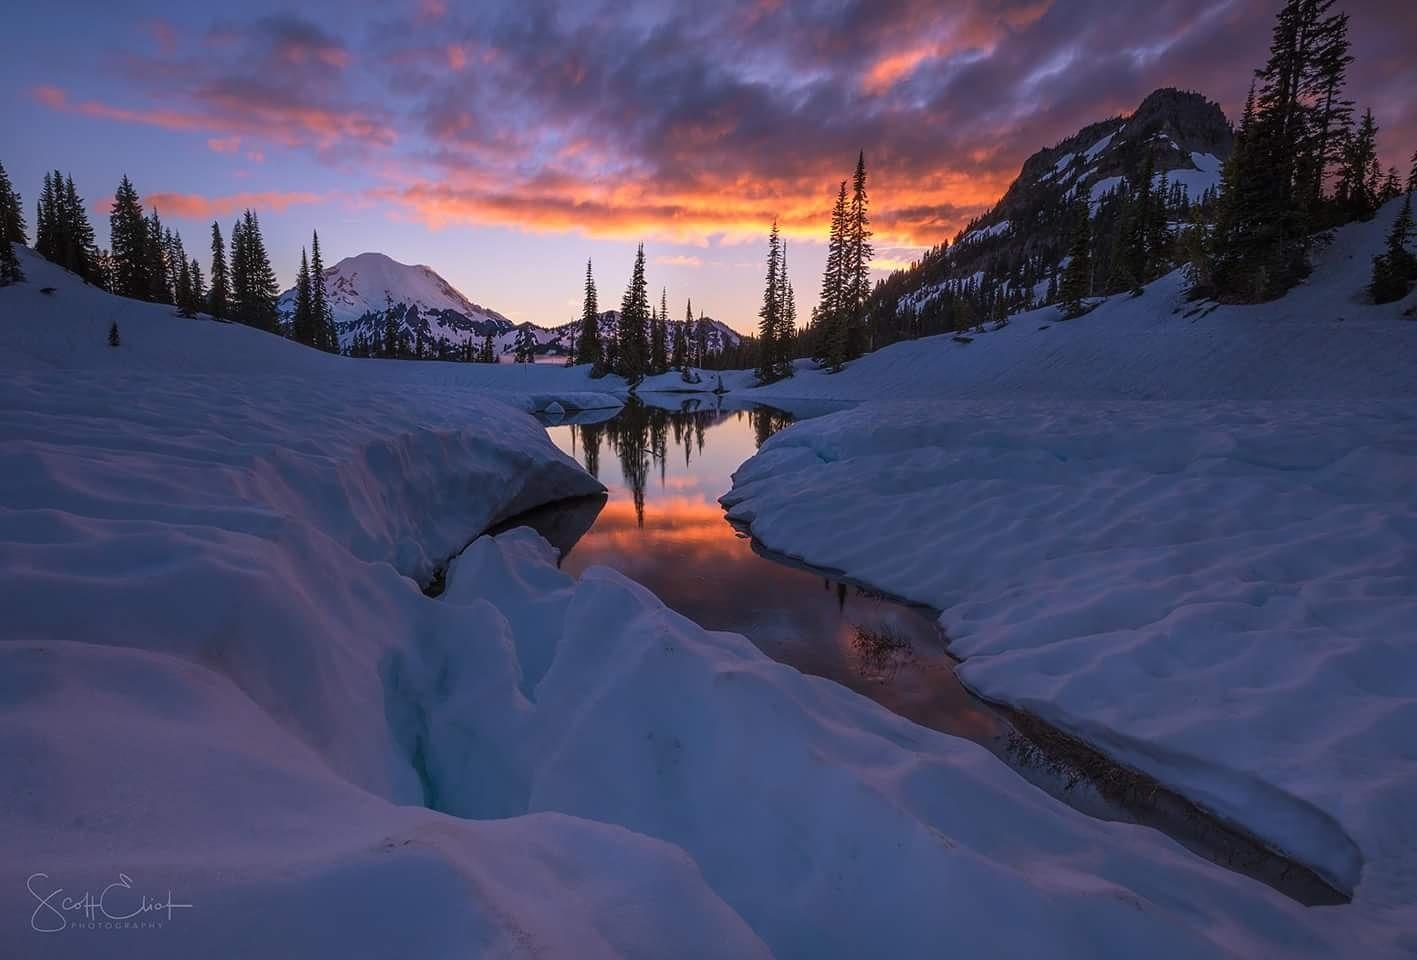 Alpine Spring by Scott Eliot